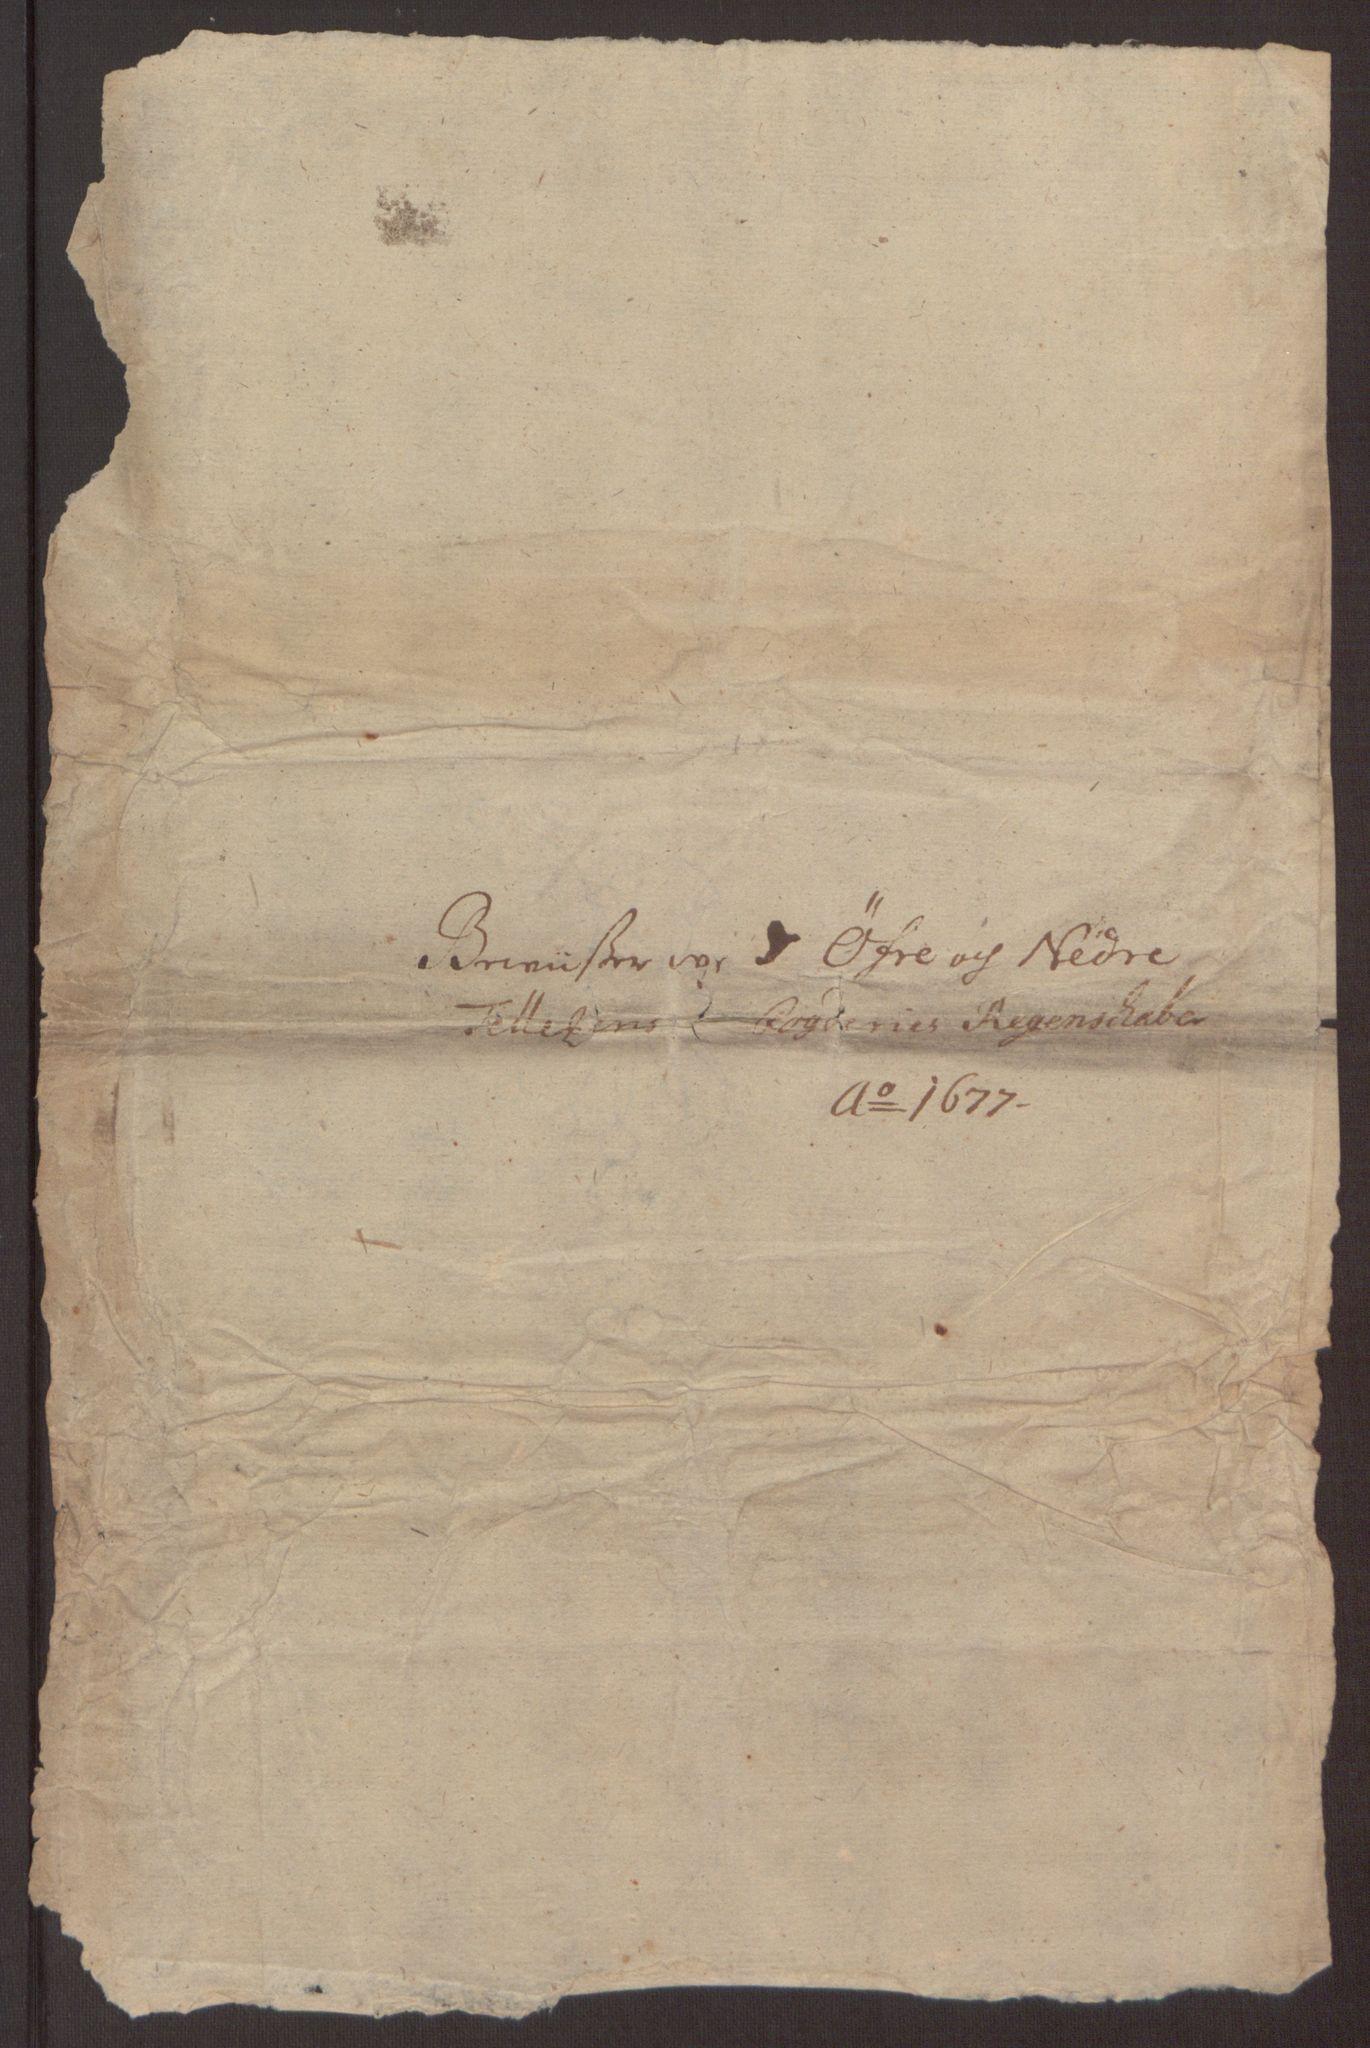 RA, Rentekammeret inntil 1814, Reviderte regnskaper, Fogderegnskap, R35/L2067: Fogderegnskap Øvre og Nedre Telemark, 1677, s. 349